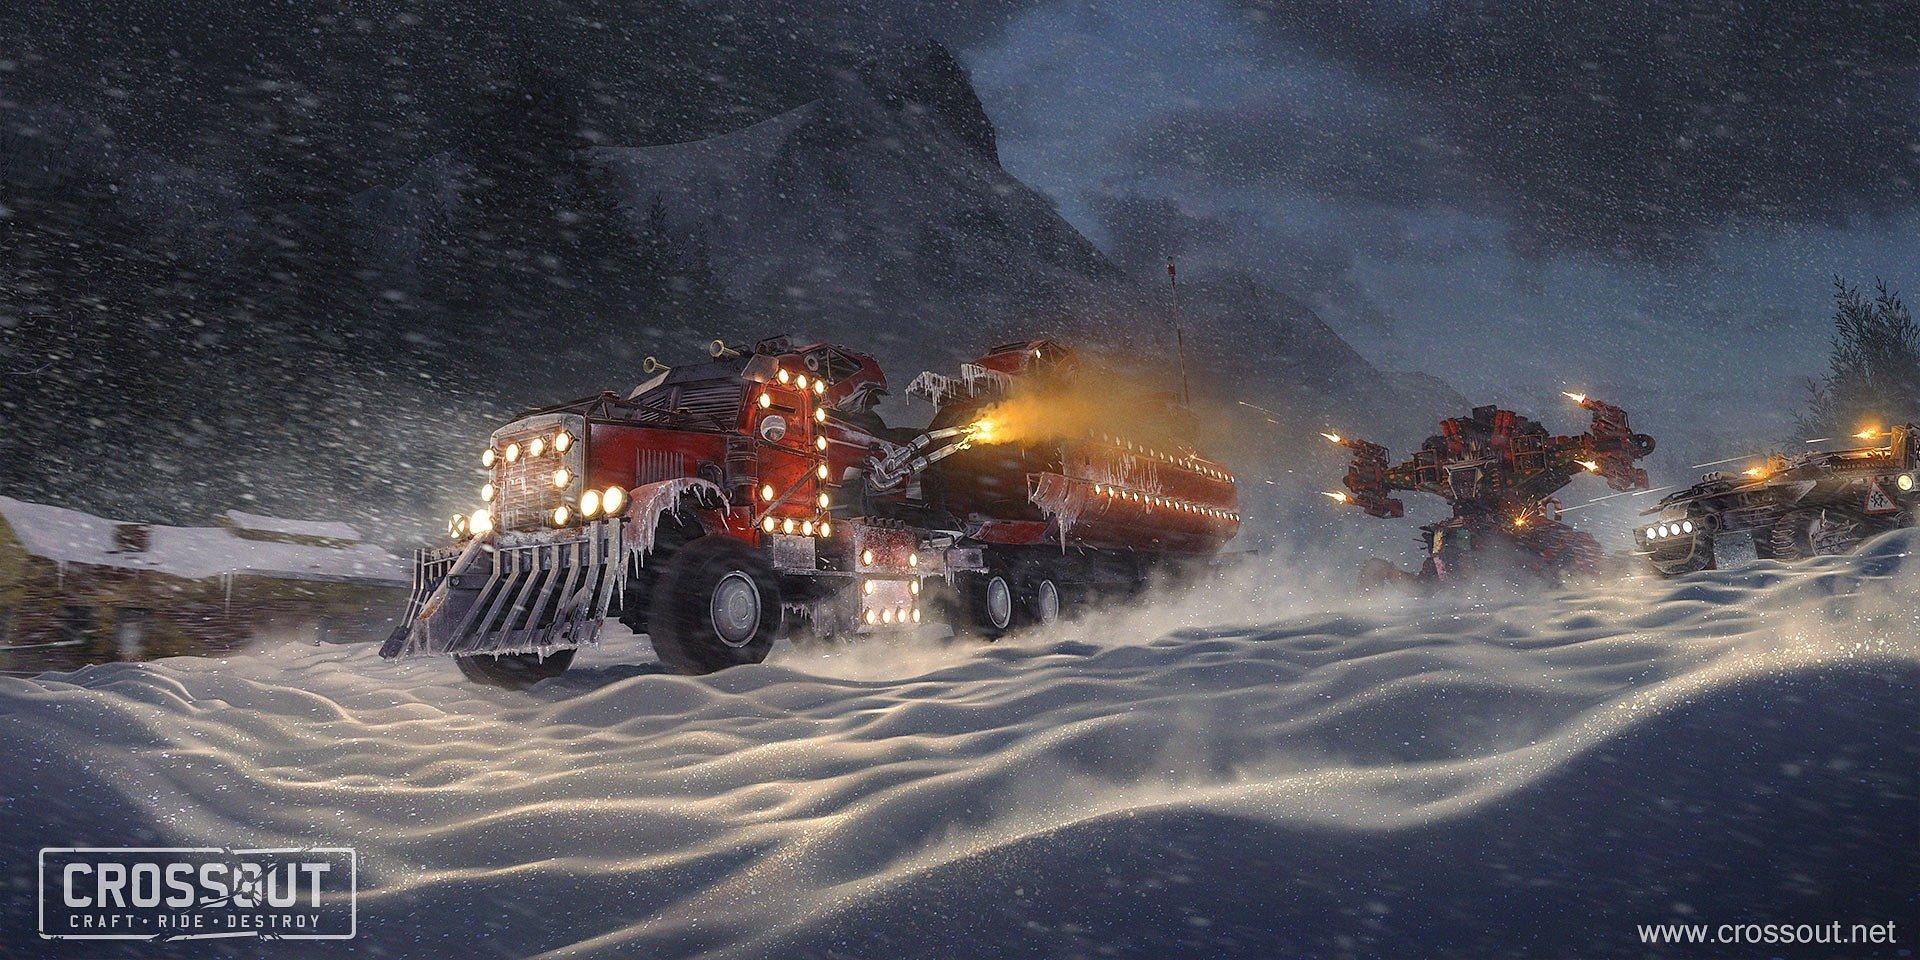 Crossout oslavuje vianoce s darčekmi, udalosťou a novým obsahom!